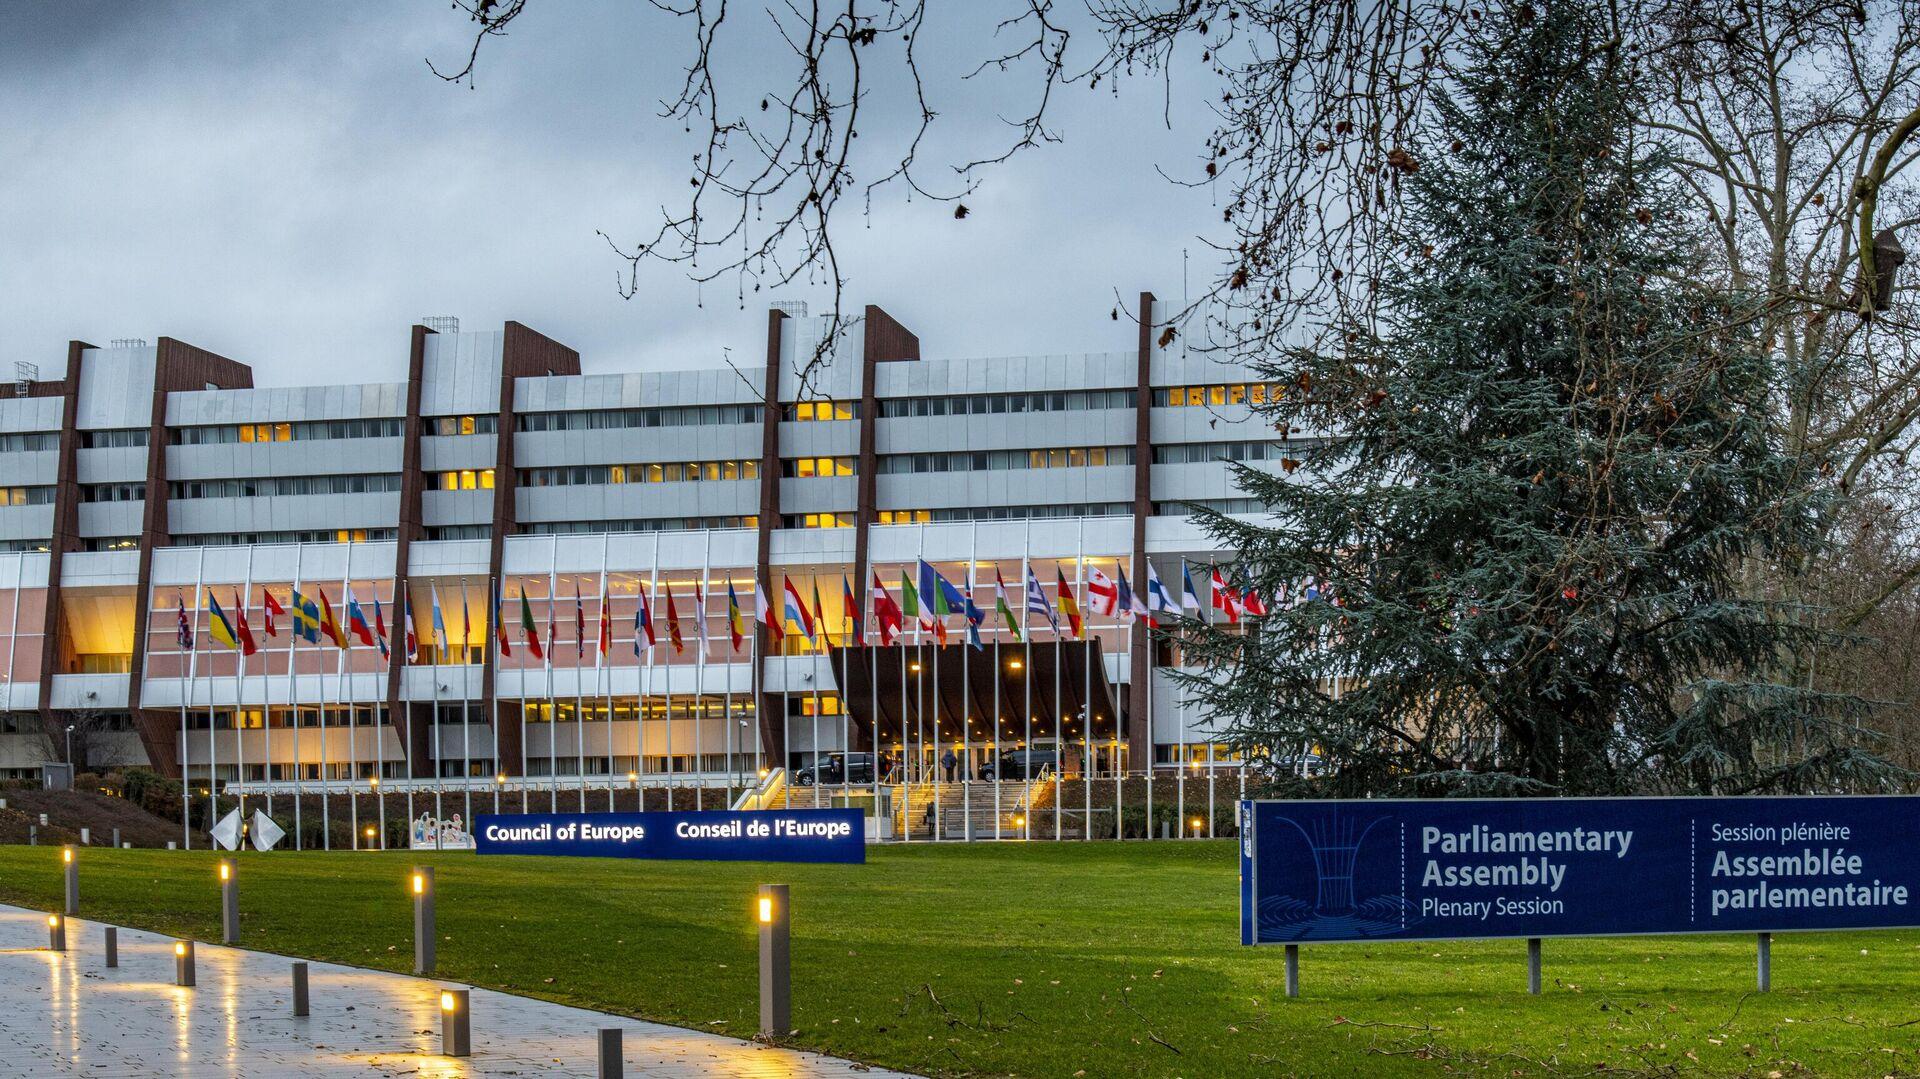 Главное здание Совета Европы в Страсбурге - РИА Новости, 1920, 11.03.2021